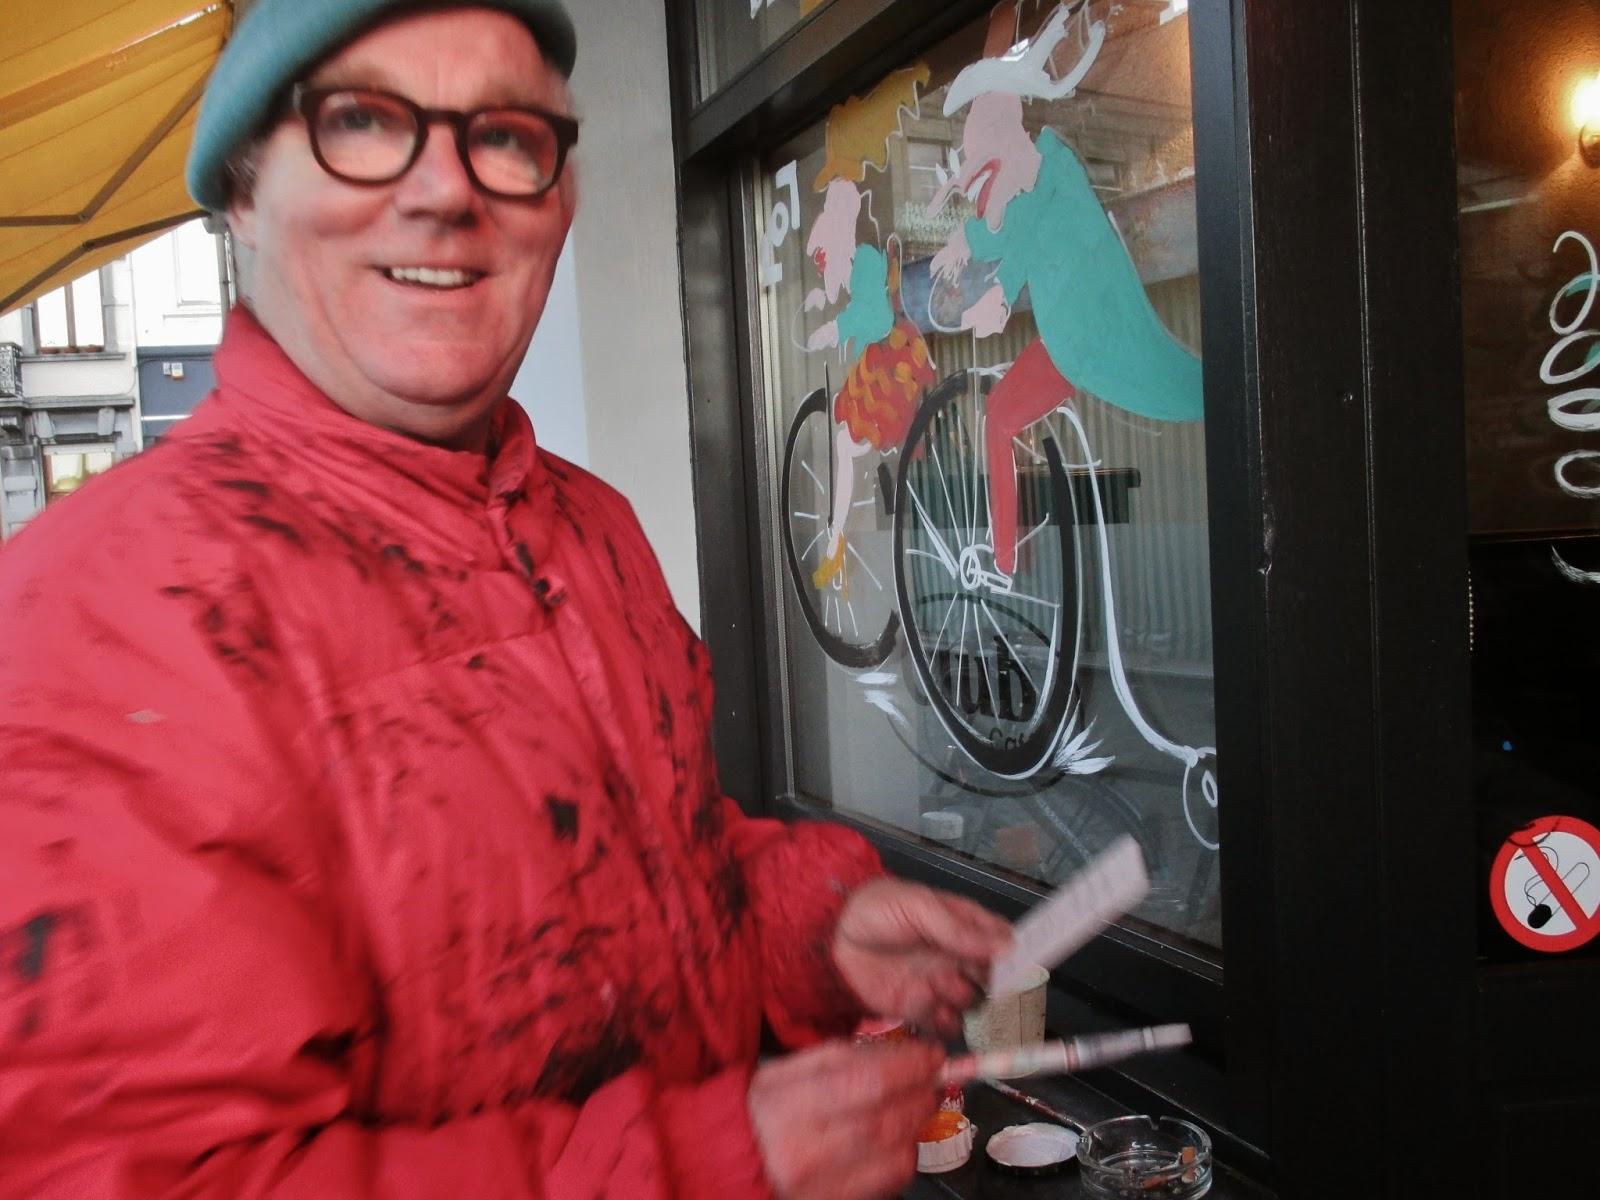 Carnaval Aalst foto- en videoblog: Carnaval 2015: Ruiten versieren ...